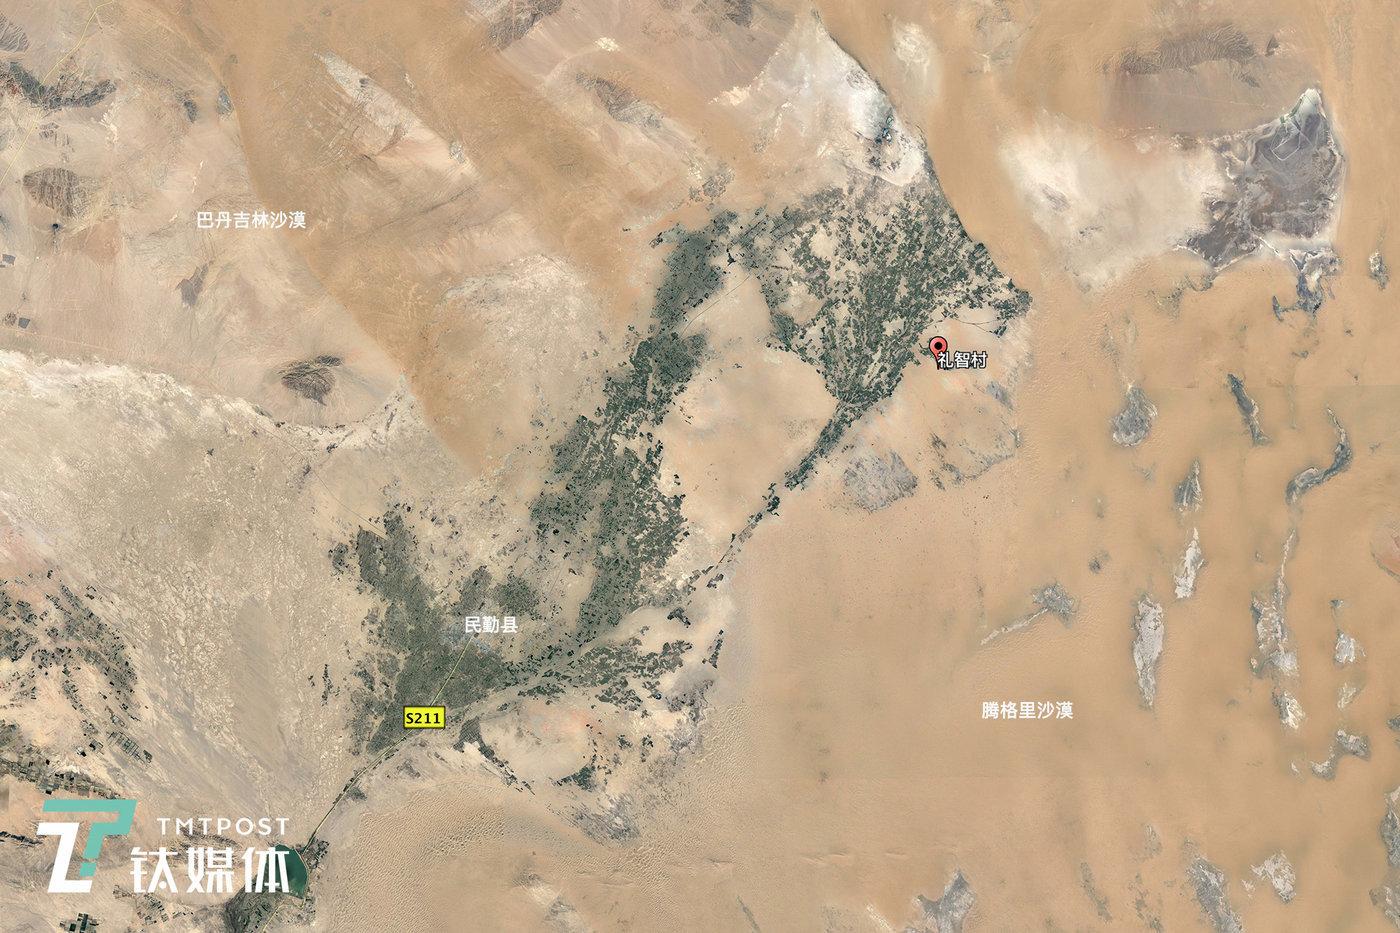 甘肃武威市,约1600平方公里的民勤绿洲(图/Google Earth/2017年7月12日),它长140公里,最宽处40公里,最窄处仅剩一条路。这片绿洲是阻挡巴丹吉林和腾格里两大沙漠合拢的最后屏障。